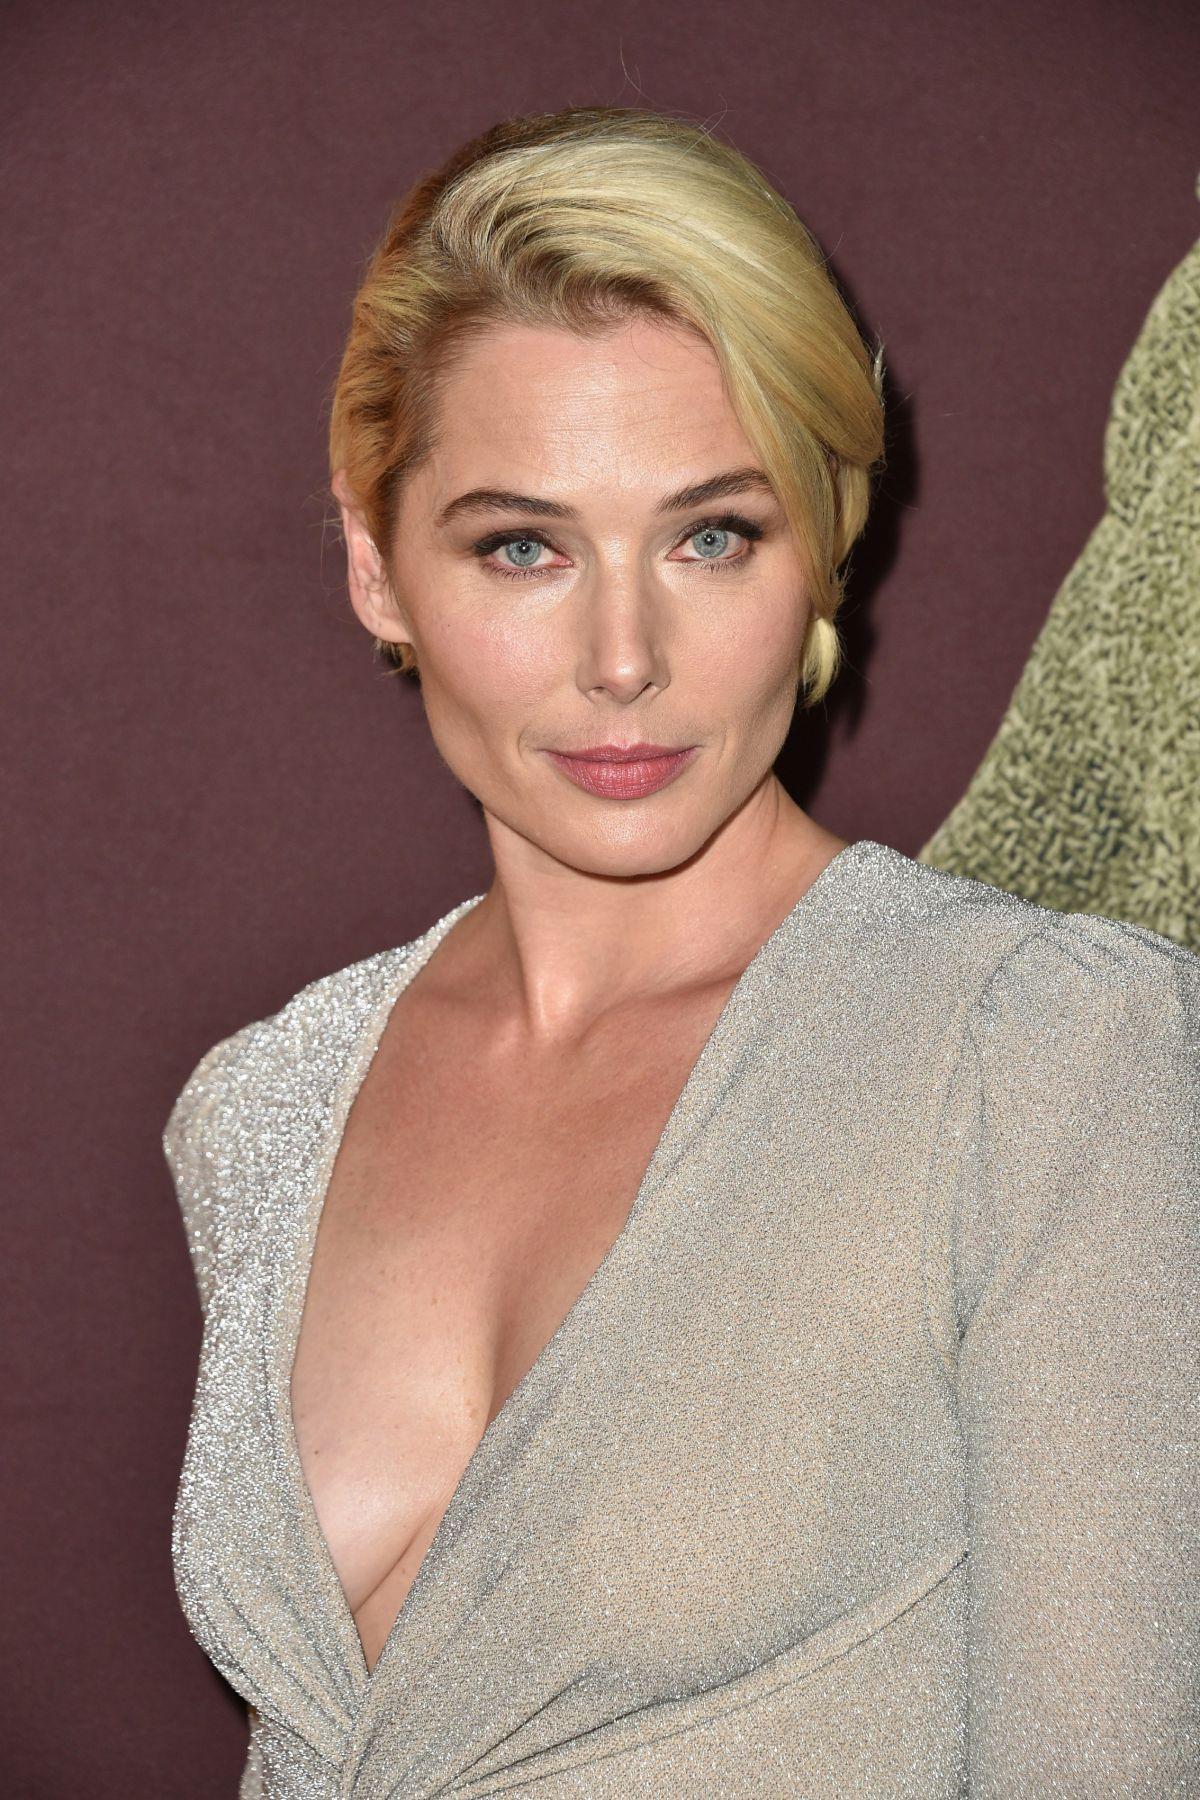 Judith Lowry,Sadia Imam XXX clips Jenna Von Oy born May 2, 1977 (age 41),Johanna Braddy